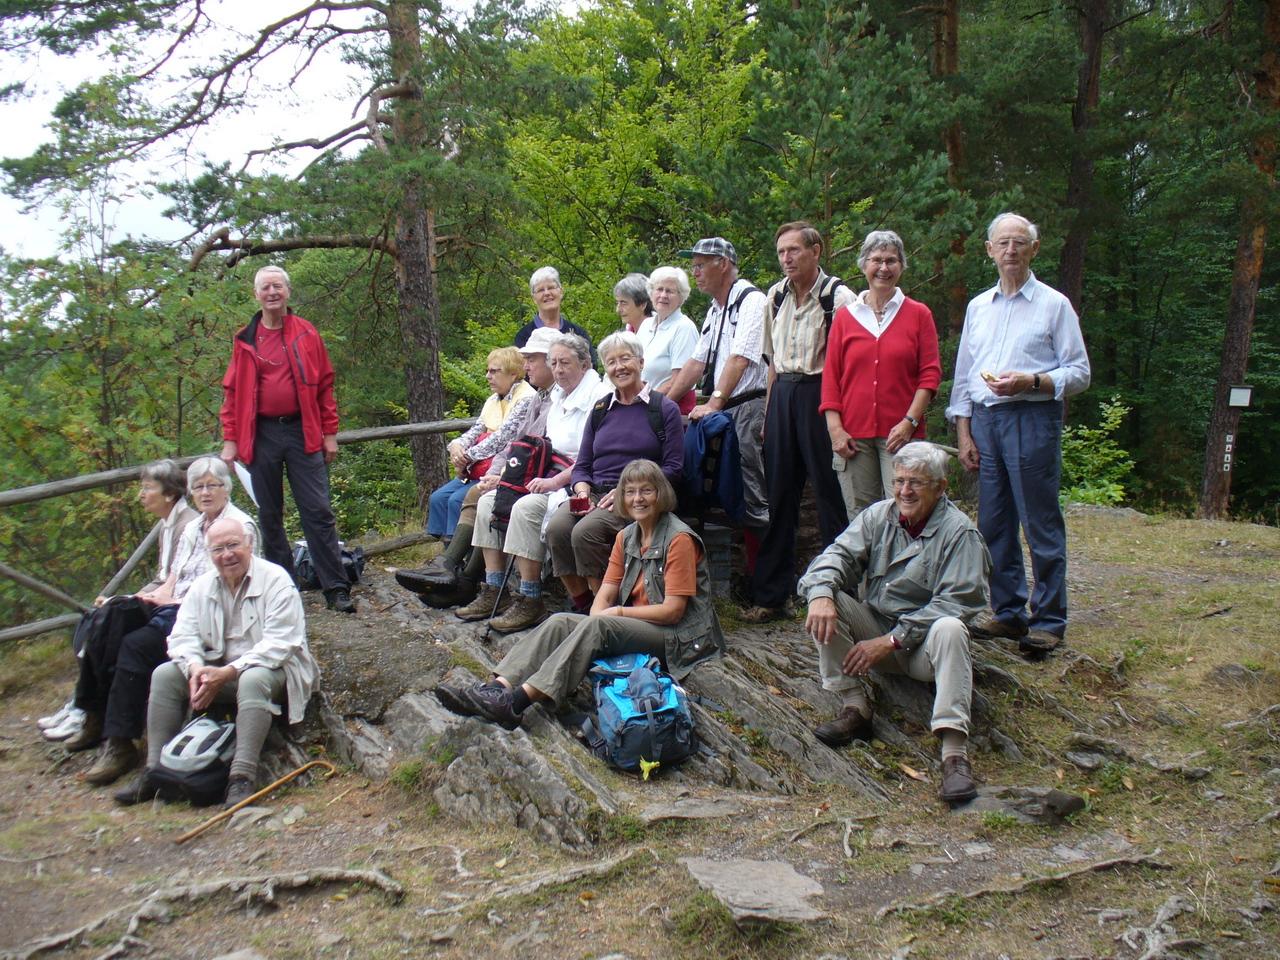 Wanderwoche 2012 im Thüringer Schiefergebirge. Rast auf dem Trippstein (505 m) im Schwarzatal.